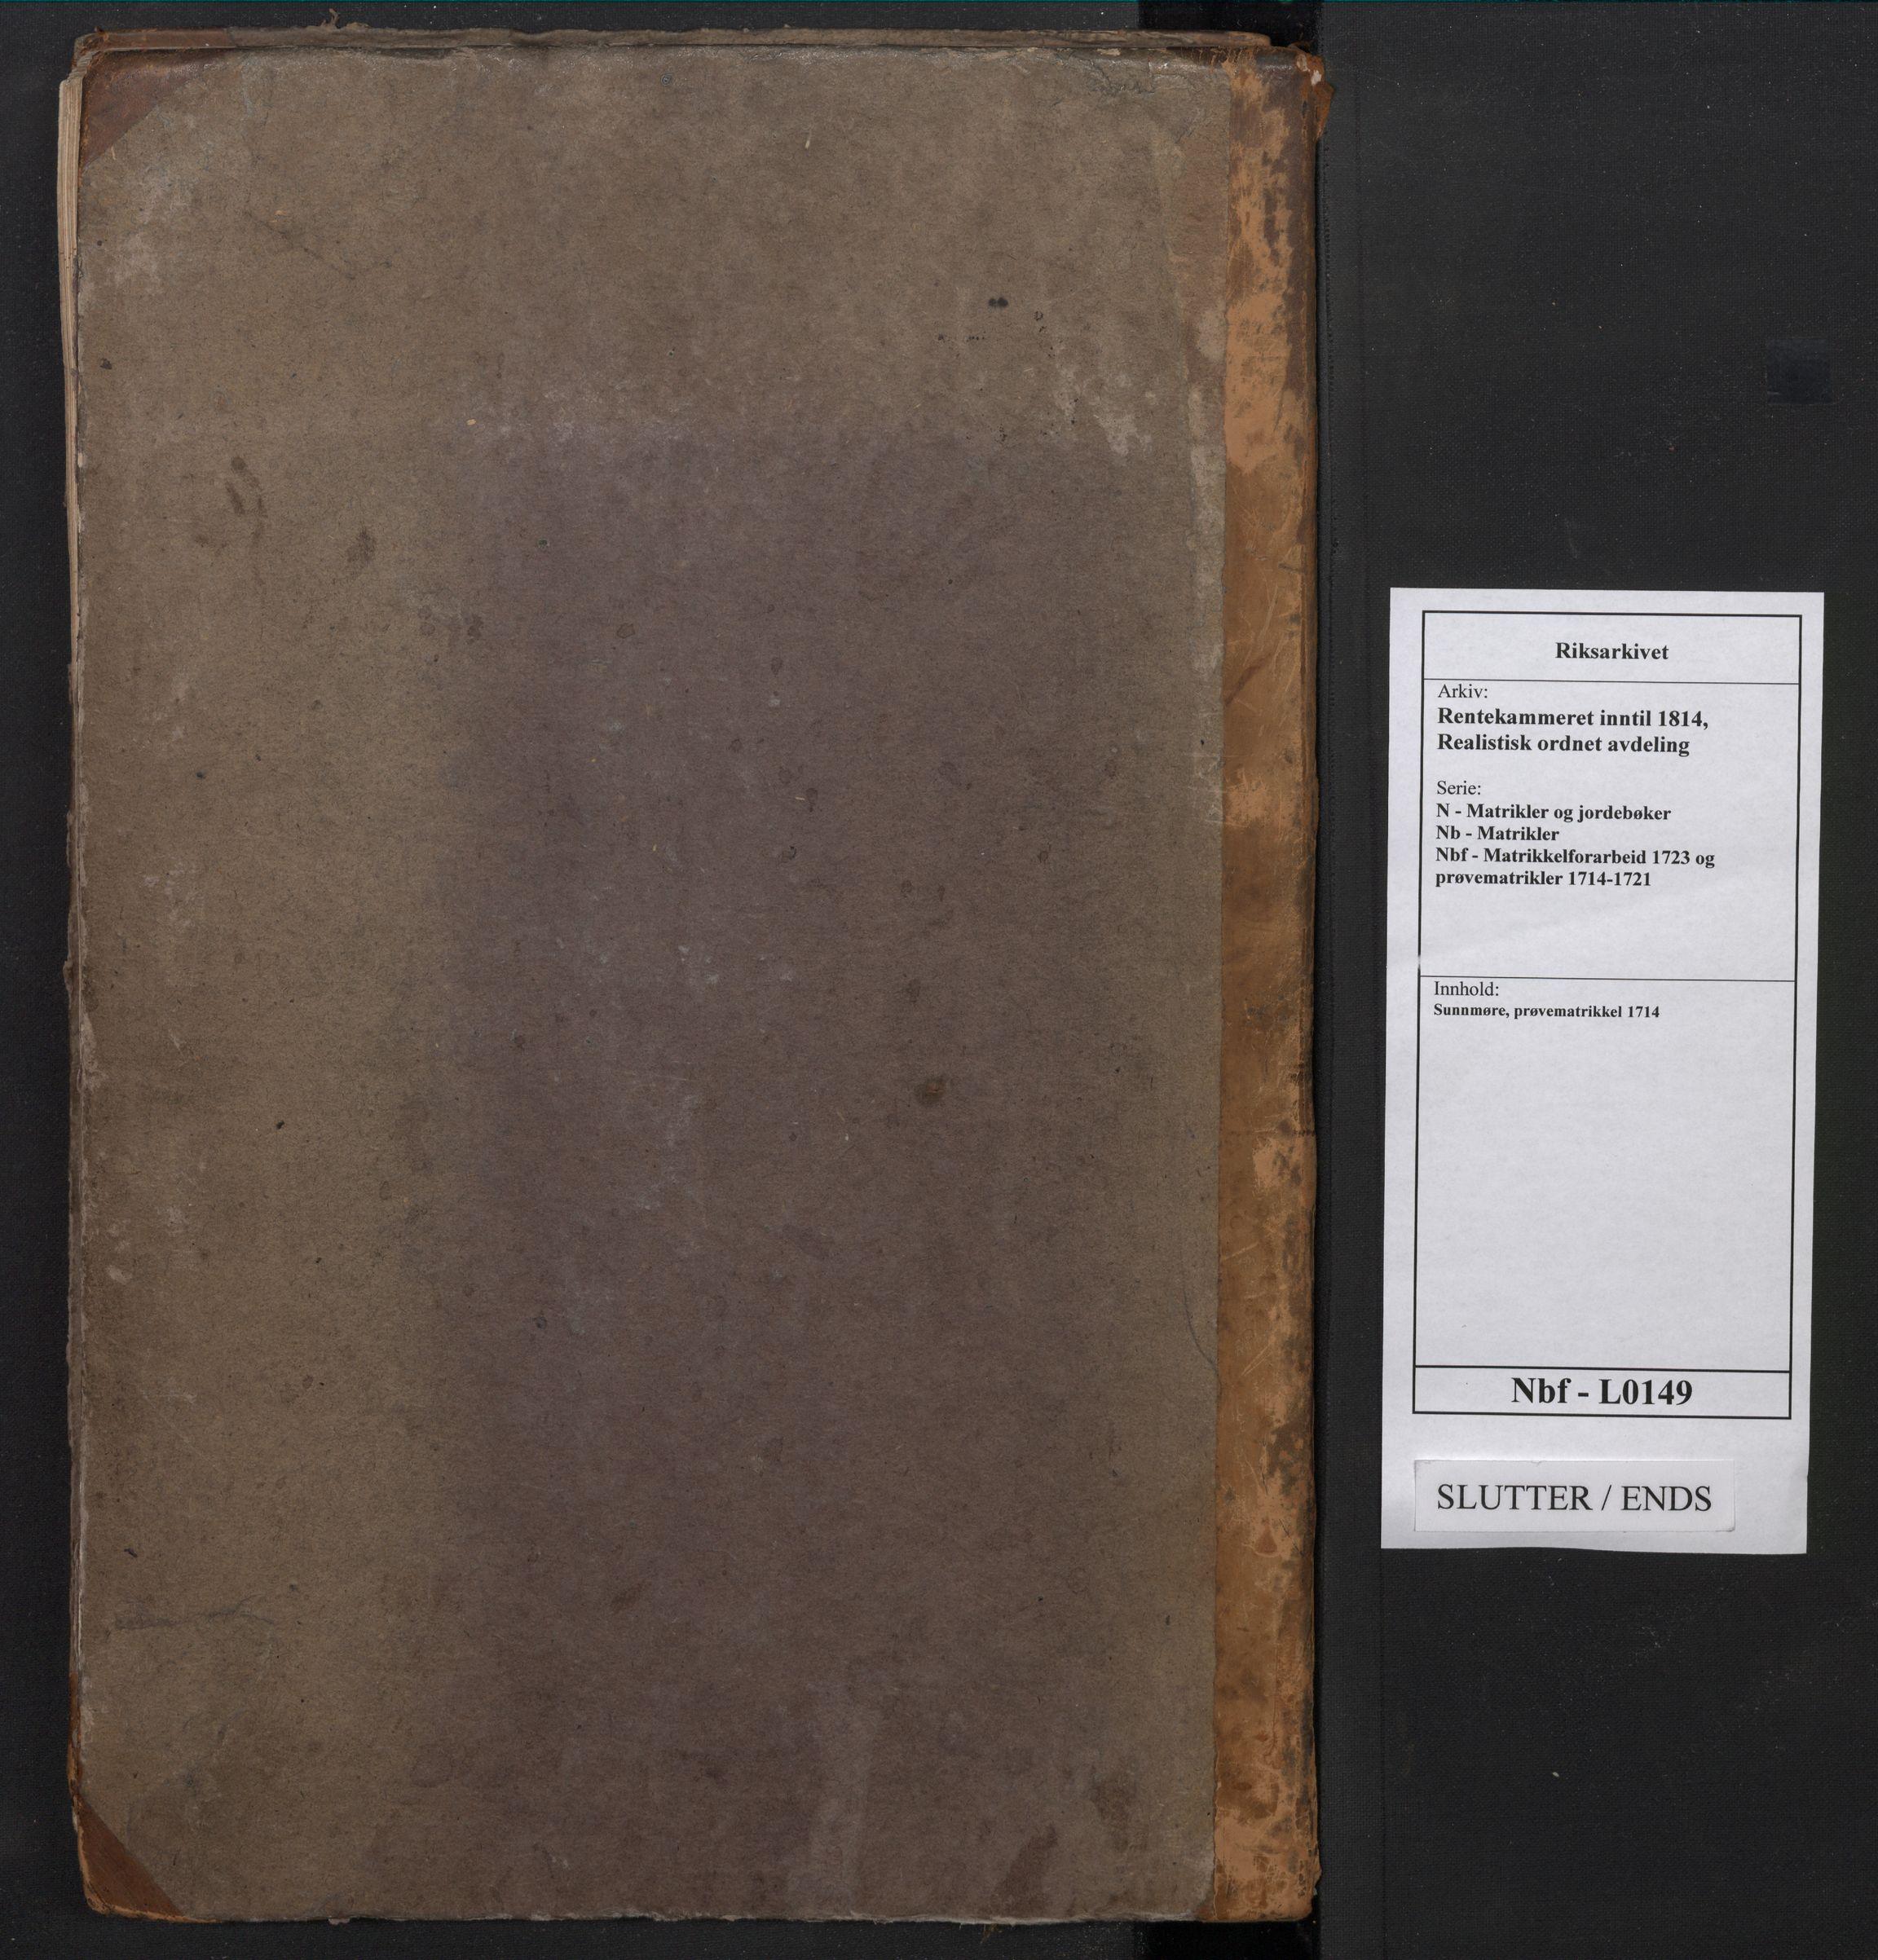 RA, Rentekammeret inntil 1814, Realistisk ordnet avdeling, N/Nb/Nbf/L0149: Sunnmøre, prøvematrikkel, 1714, s. upaginert